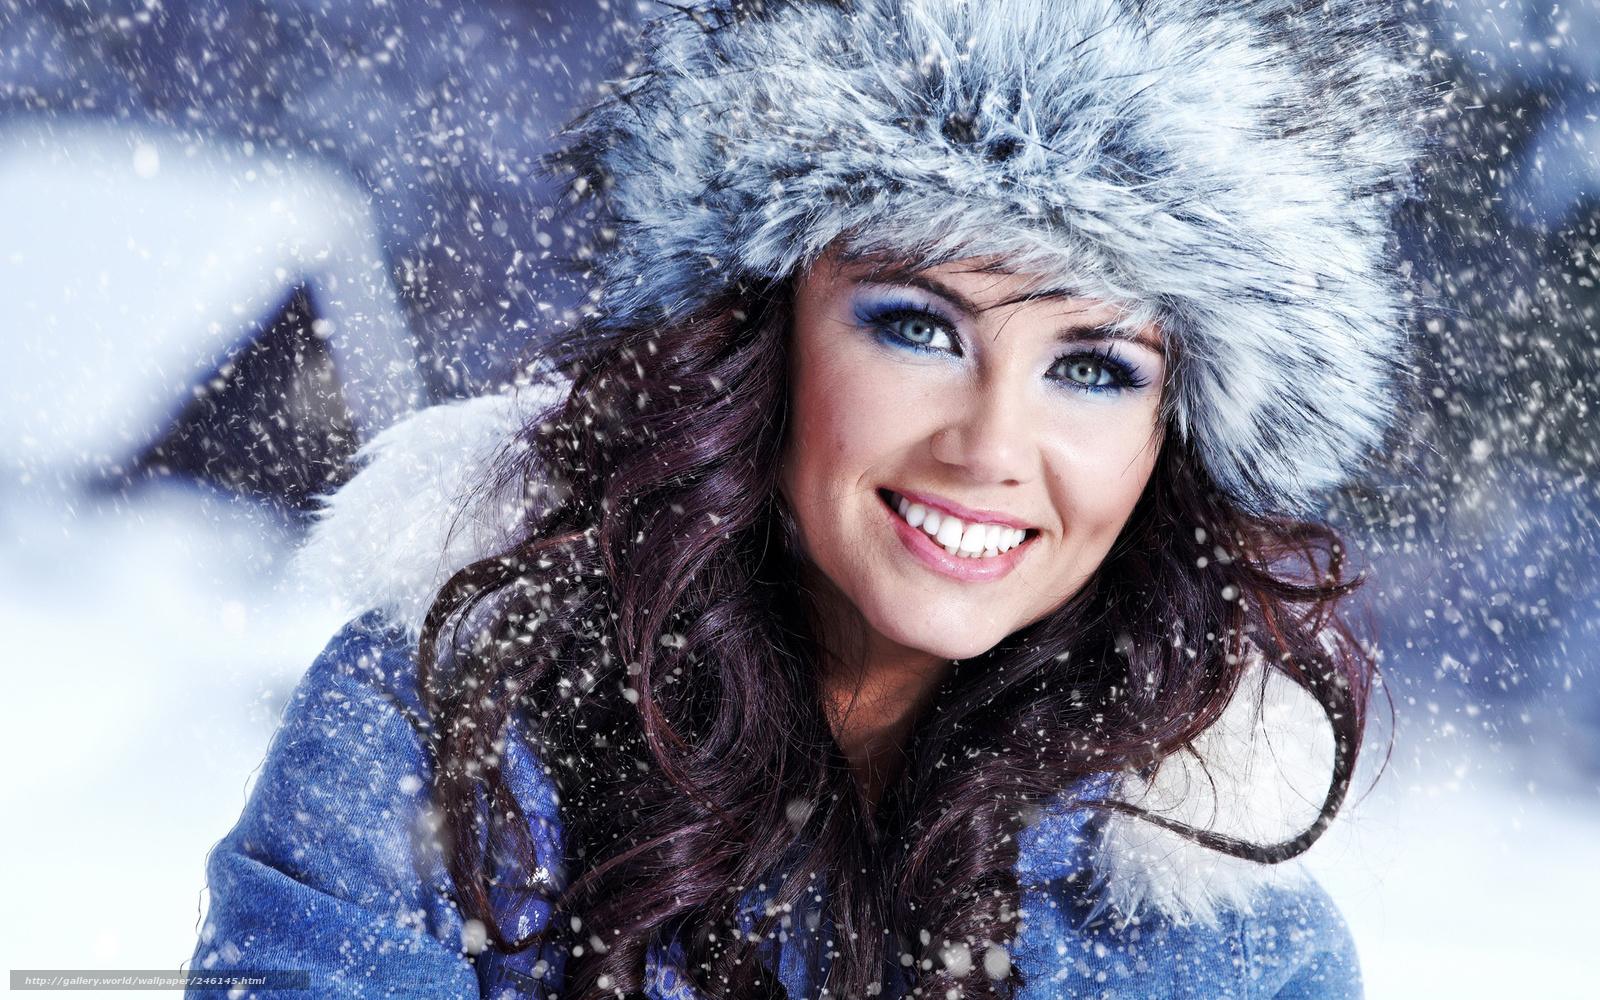 Як вдягаються на різдво фото 17 фотография